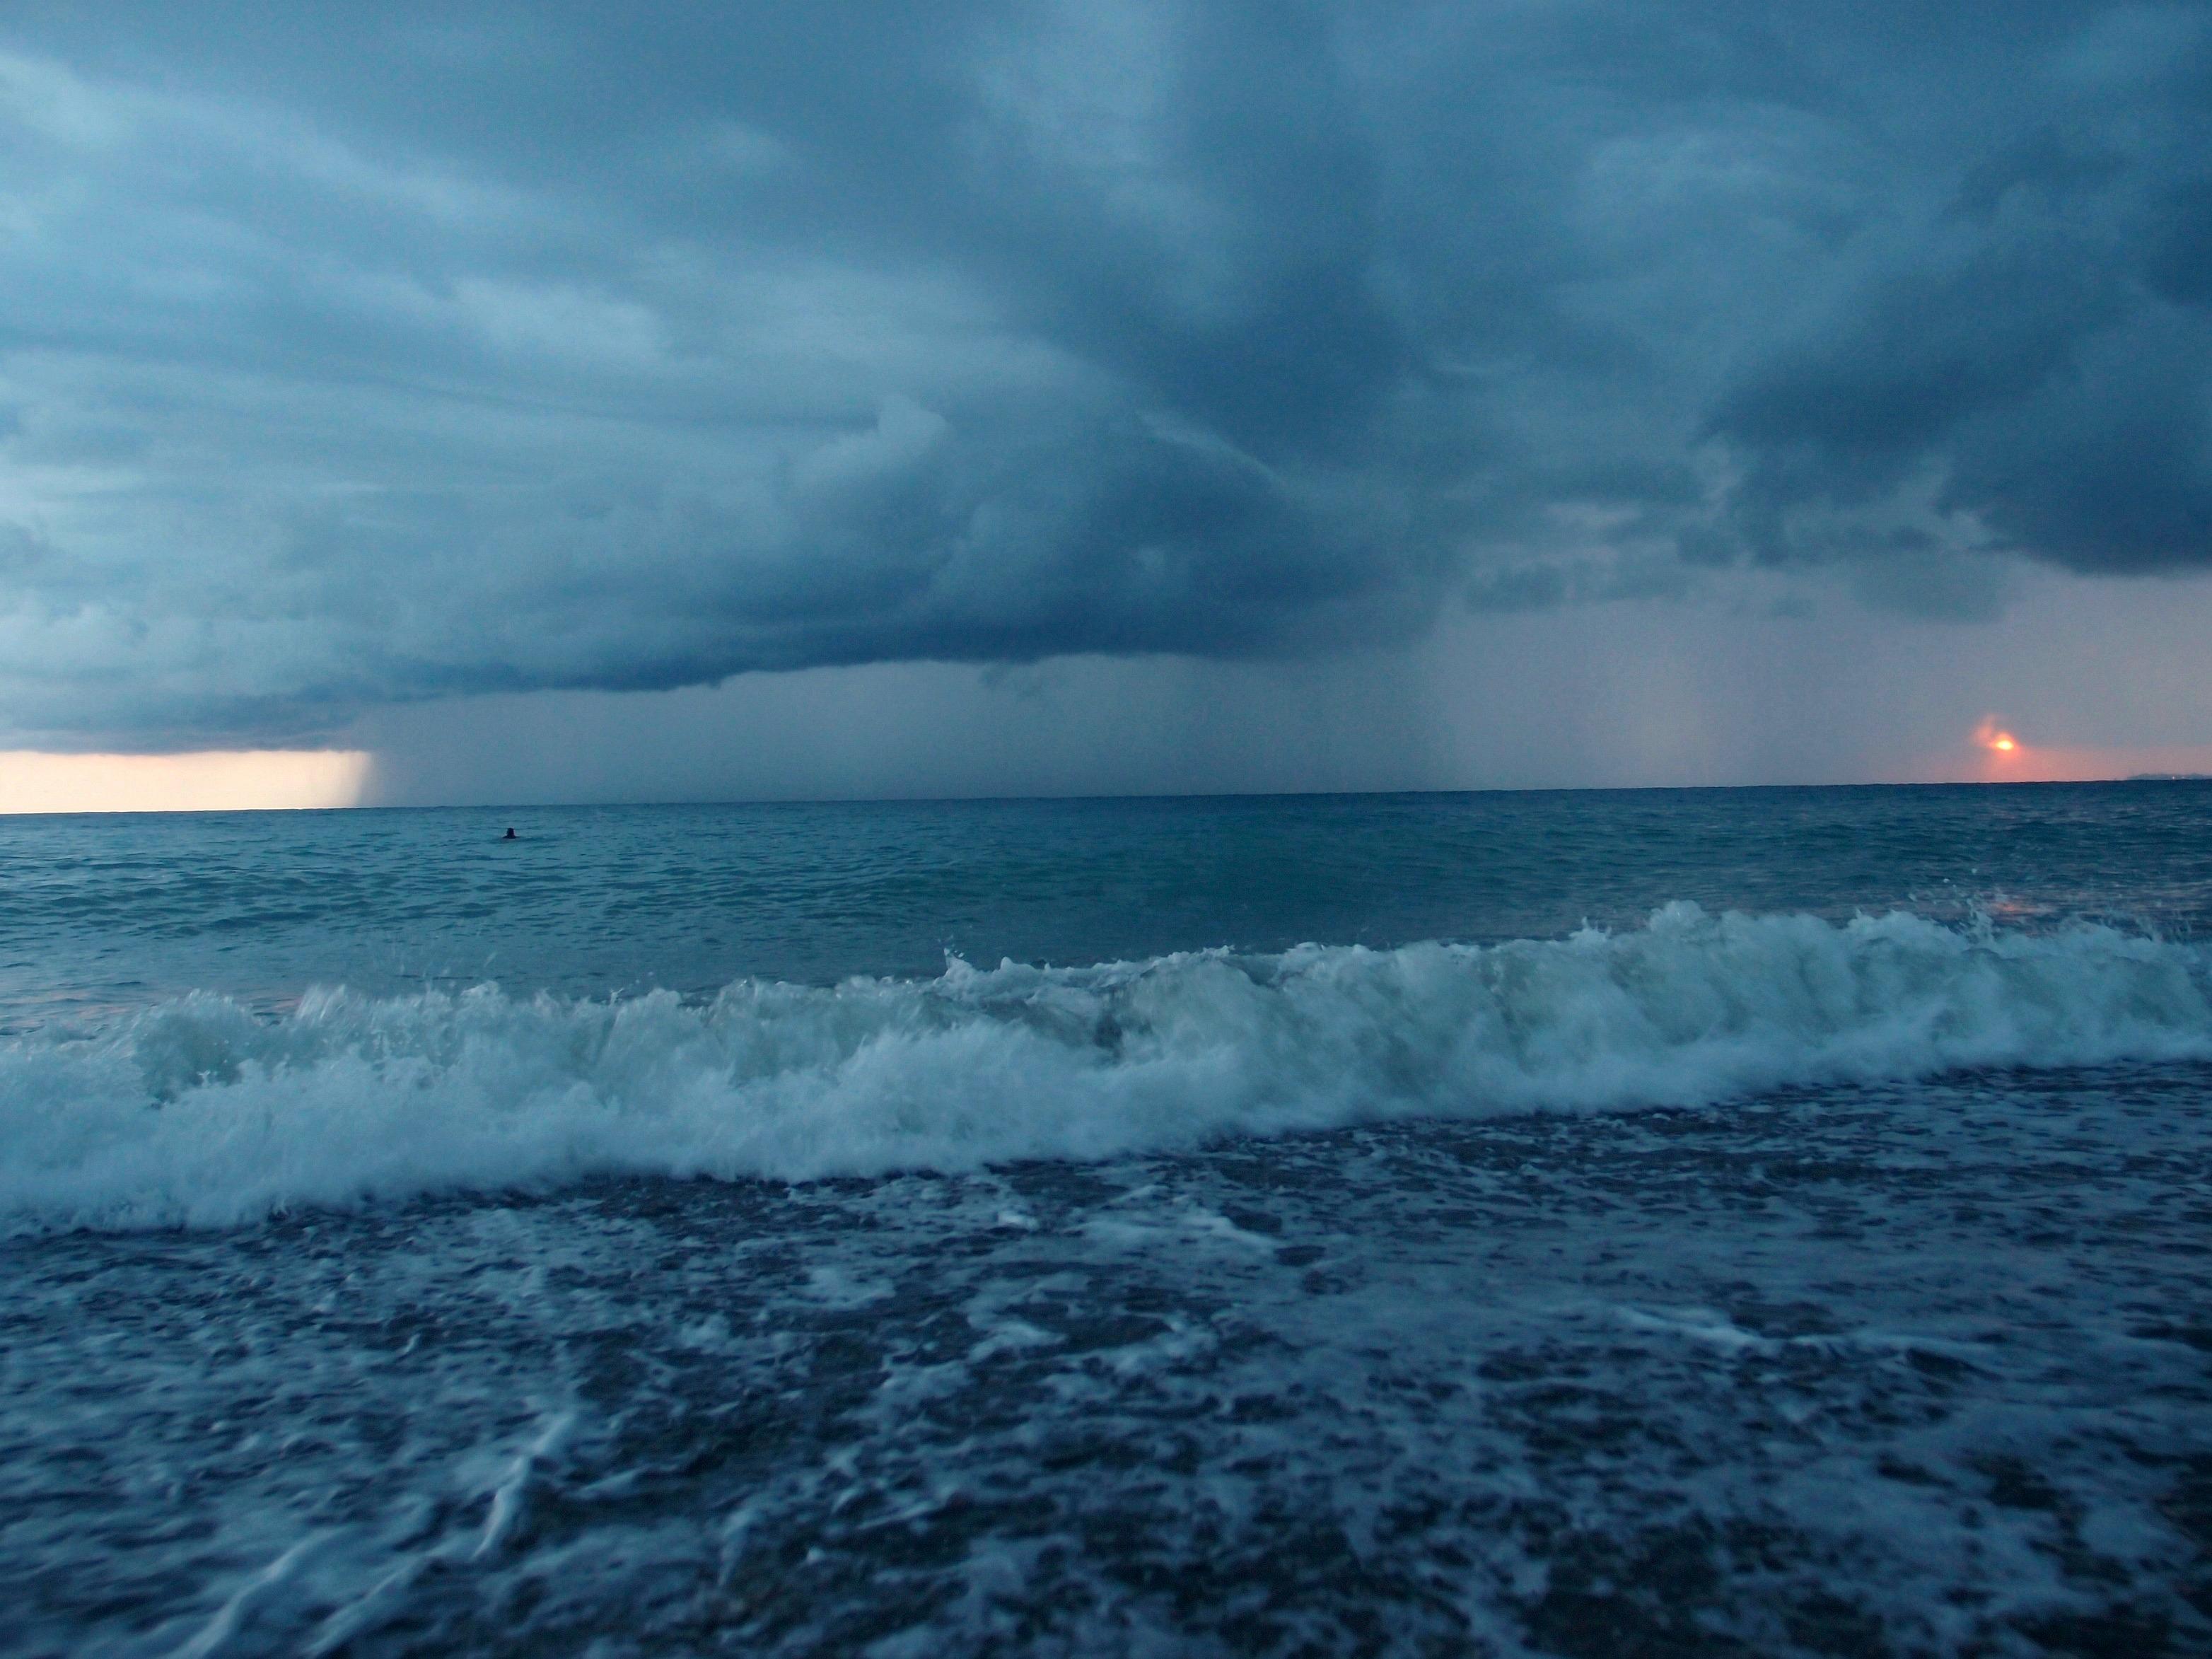 картинки плохая погода в море новая зеландия картинки